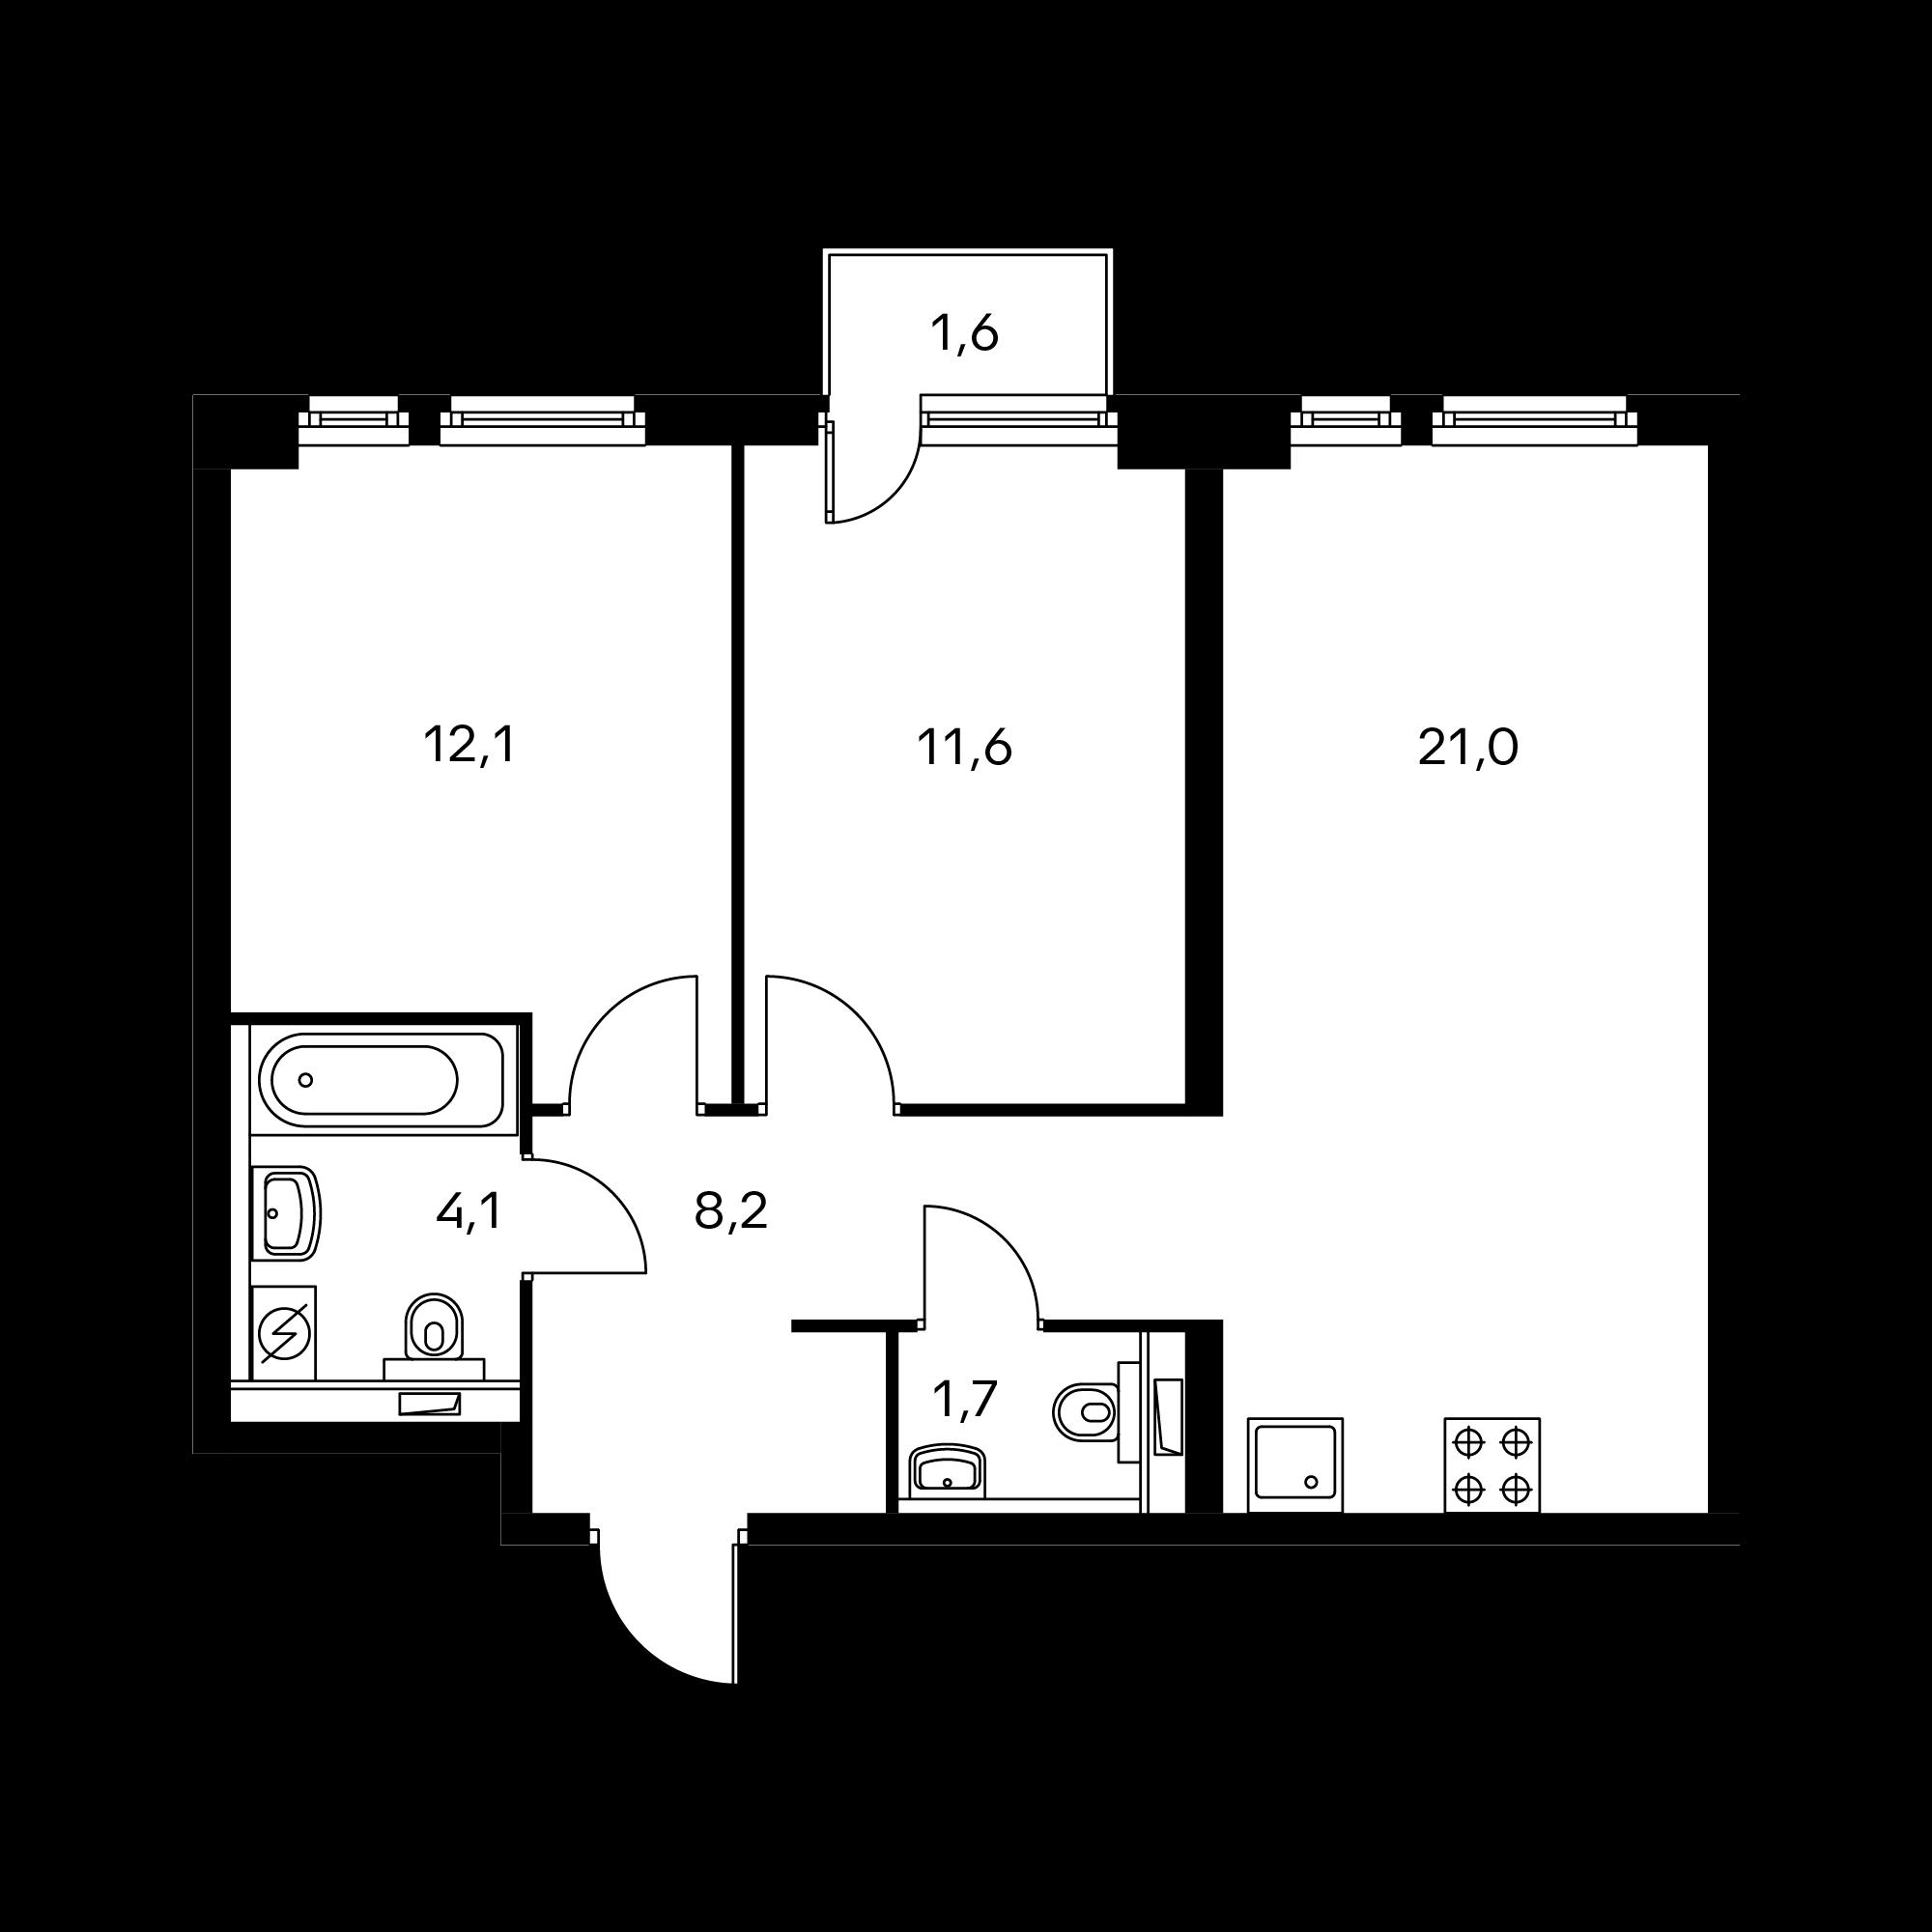 2EM7_9.6-2B1*